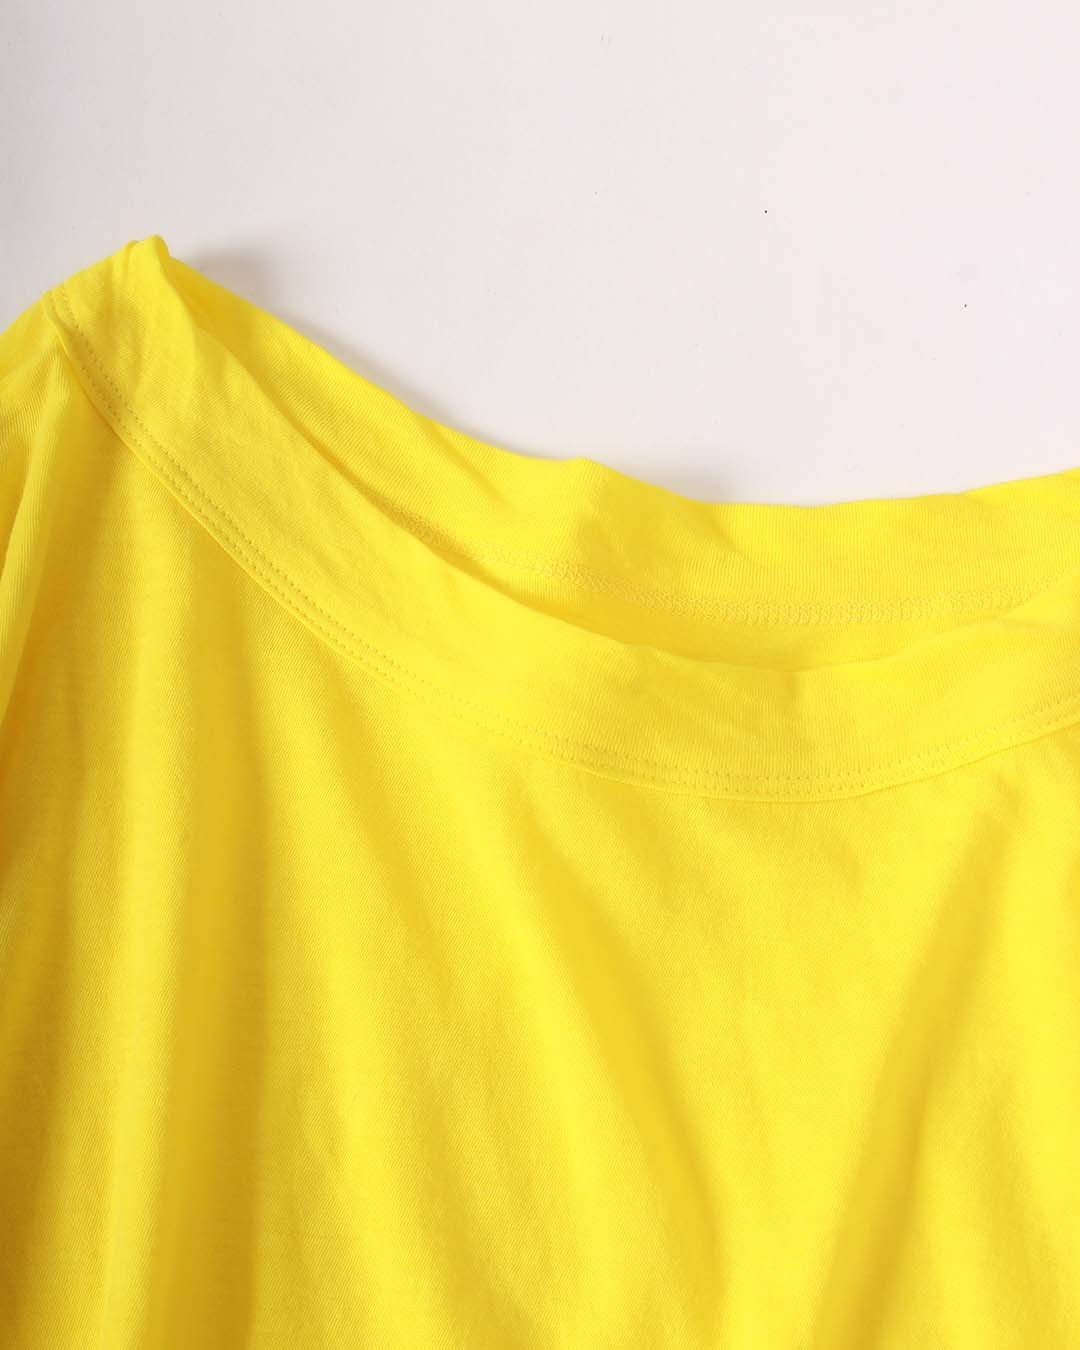 32 - Yellow